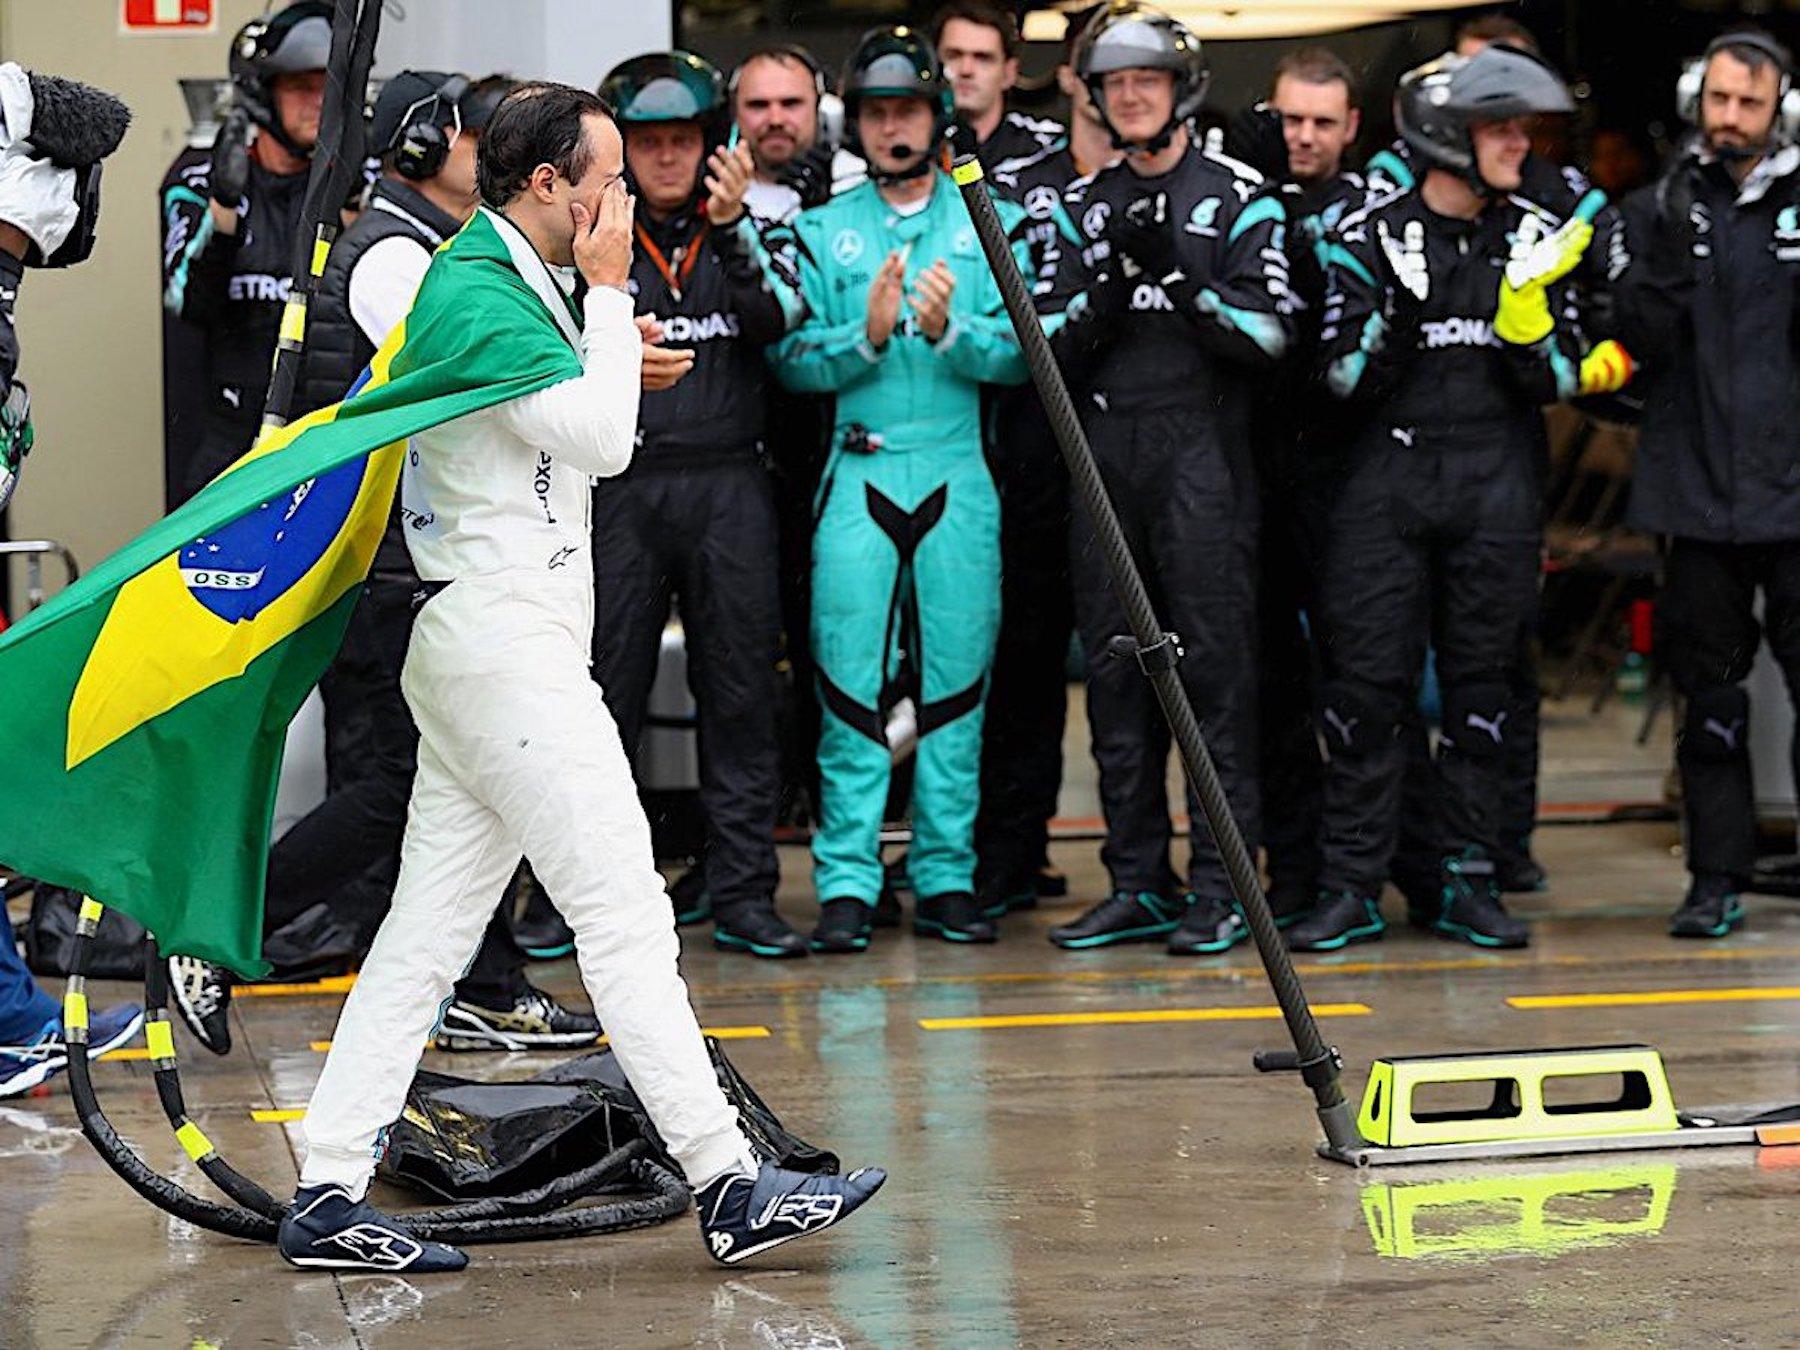 Salracing - Felipe Massa being applauded by all teams